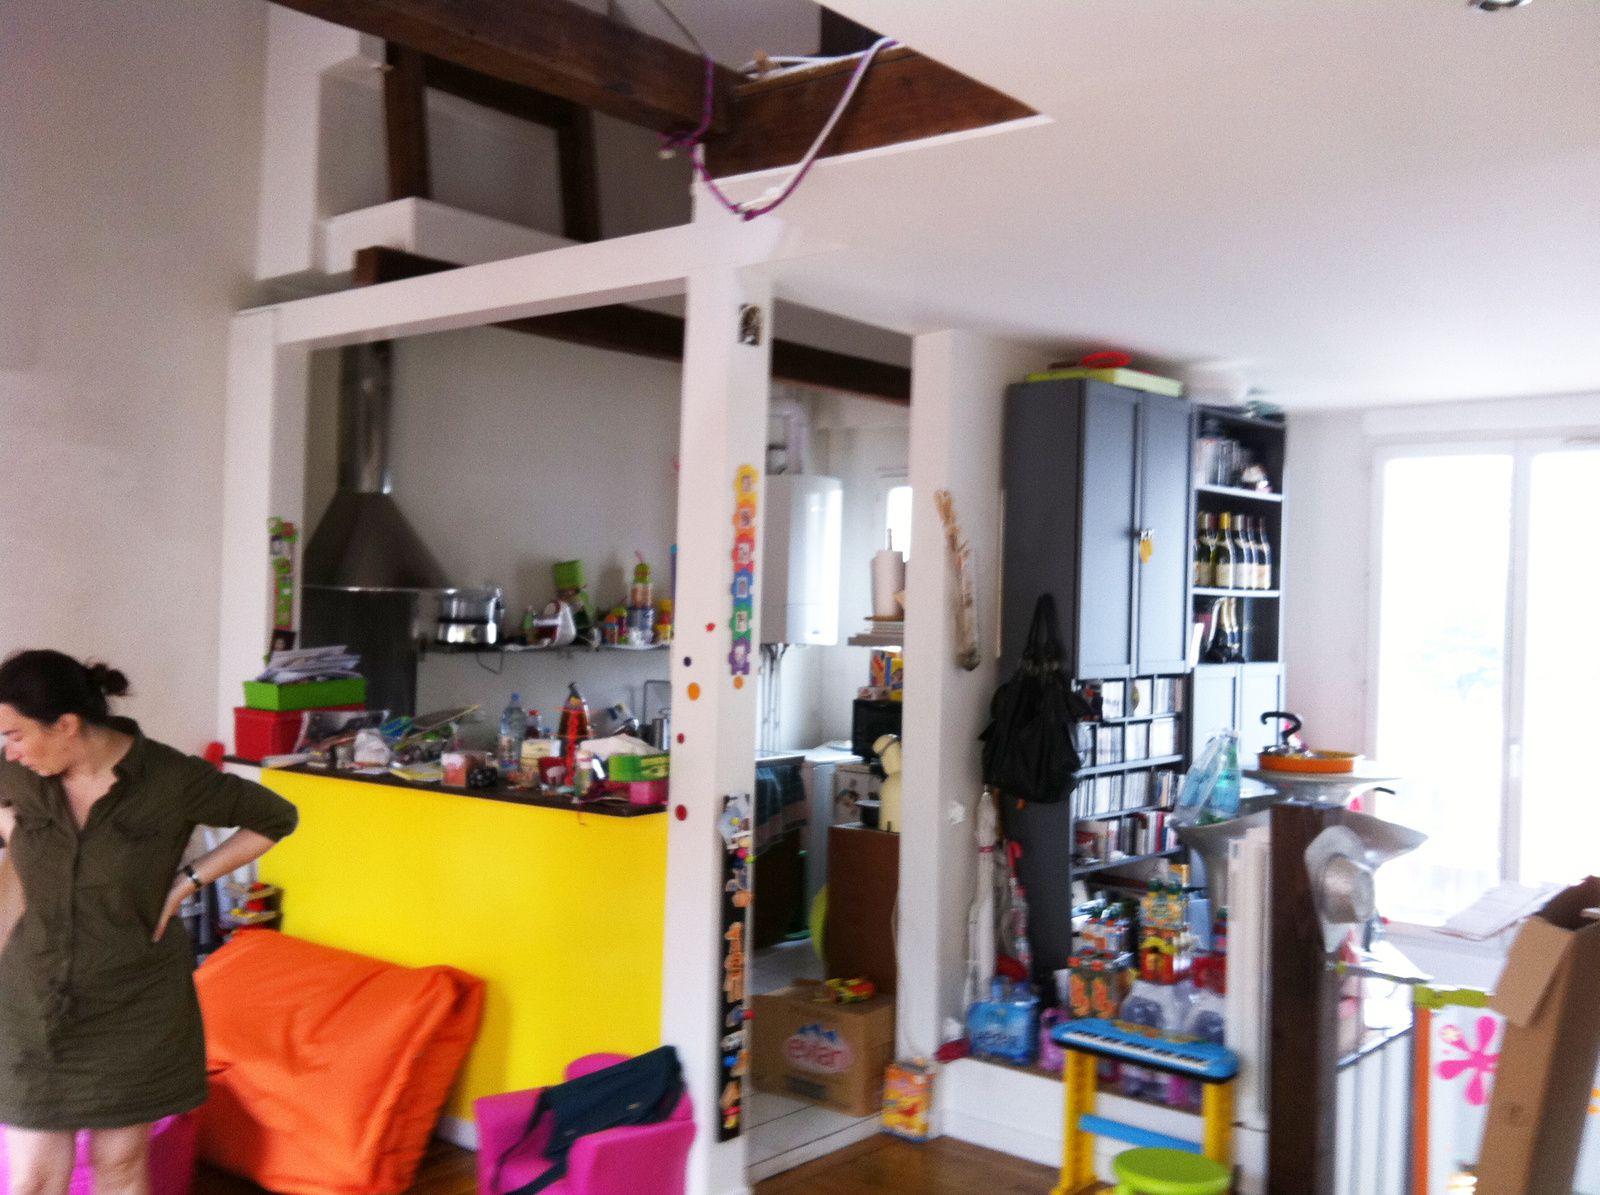 Rénovation totale de 70m2 + combles. L'appartement est situé, dans un immeuble du début du XXème siècle, au 5ème étage + un niveau de combles de faible hauteur. Le client, un couple avec deux filles de 3 et 5 ans décide de faire appel à l'architecte pour trouver des solutions concernant :  1. Optimisation de la circulation verticale et l'autonomie des pièces  2. L'indépendance et fonctionnalité des chambres d'enfants  3. Agrandissement de l'espace cuisine avec un espace dinatoire  4. Création d'une chambre d'appoint  5. Création d'une salle de bain parents  Conception Architecturale  Création d'un espace de vie commun convertible, jardin d' hiver transformable en terrasse l'été à partir d'un système de verrière coulissante, sans recourir aux complexes d'étanchéité traditionnels.  Flexibilité et fonctionnalité des chambres d'enfants à partir de l'utilisation de portes coulissantes dans le coin jour comme dans le coin nuit et entre les chambres et l'espace de vie familial.  Création d'espaces de rangements à partir de tiroirs sous rails télescopiques, qui permettent de profiter au maximum du volume du stockage  Matériaux / Equipements / Solutions innovantes  Verrière Coulissante en quatre panneaux avec store intérieur et vitrage avec un facteur solaire qui garantit la récupération des apports solaires en hiver et l'atténuation de la chaleur en été.  Développement durable  Economie d'énergie : Récupération de chaleur solaire en hiver en profitant de l'orientation plein sud du jardin d'hiver – terrasse sous verrière  Ventilation naturelle du niveau comble à partir de positionnement en face à face de velux dans les pièces.  Utilisation du bois (chêne) dans le mobilier et escaliers